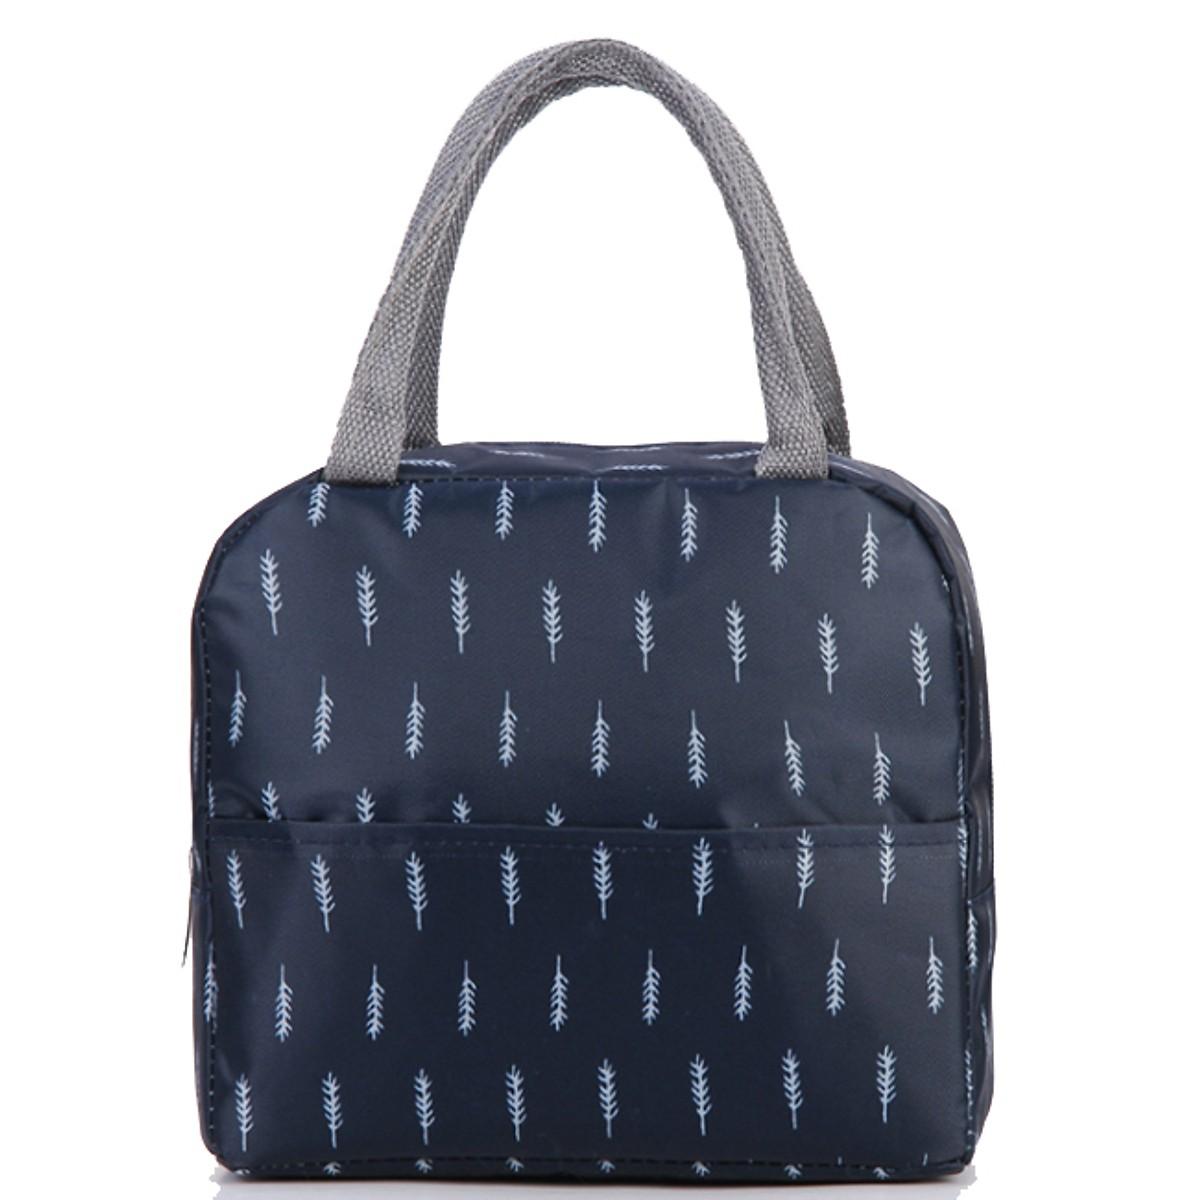 Túi vải giữ nhiệt tiện dụng dùng đựng cơm và thức ăn (có lớp giấy bạc cách nhiệt)